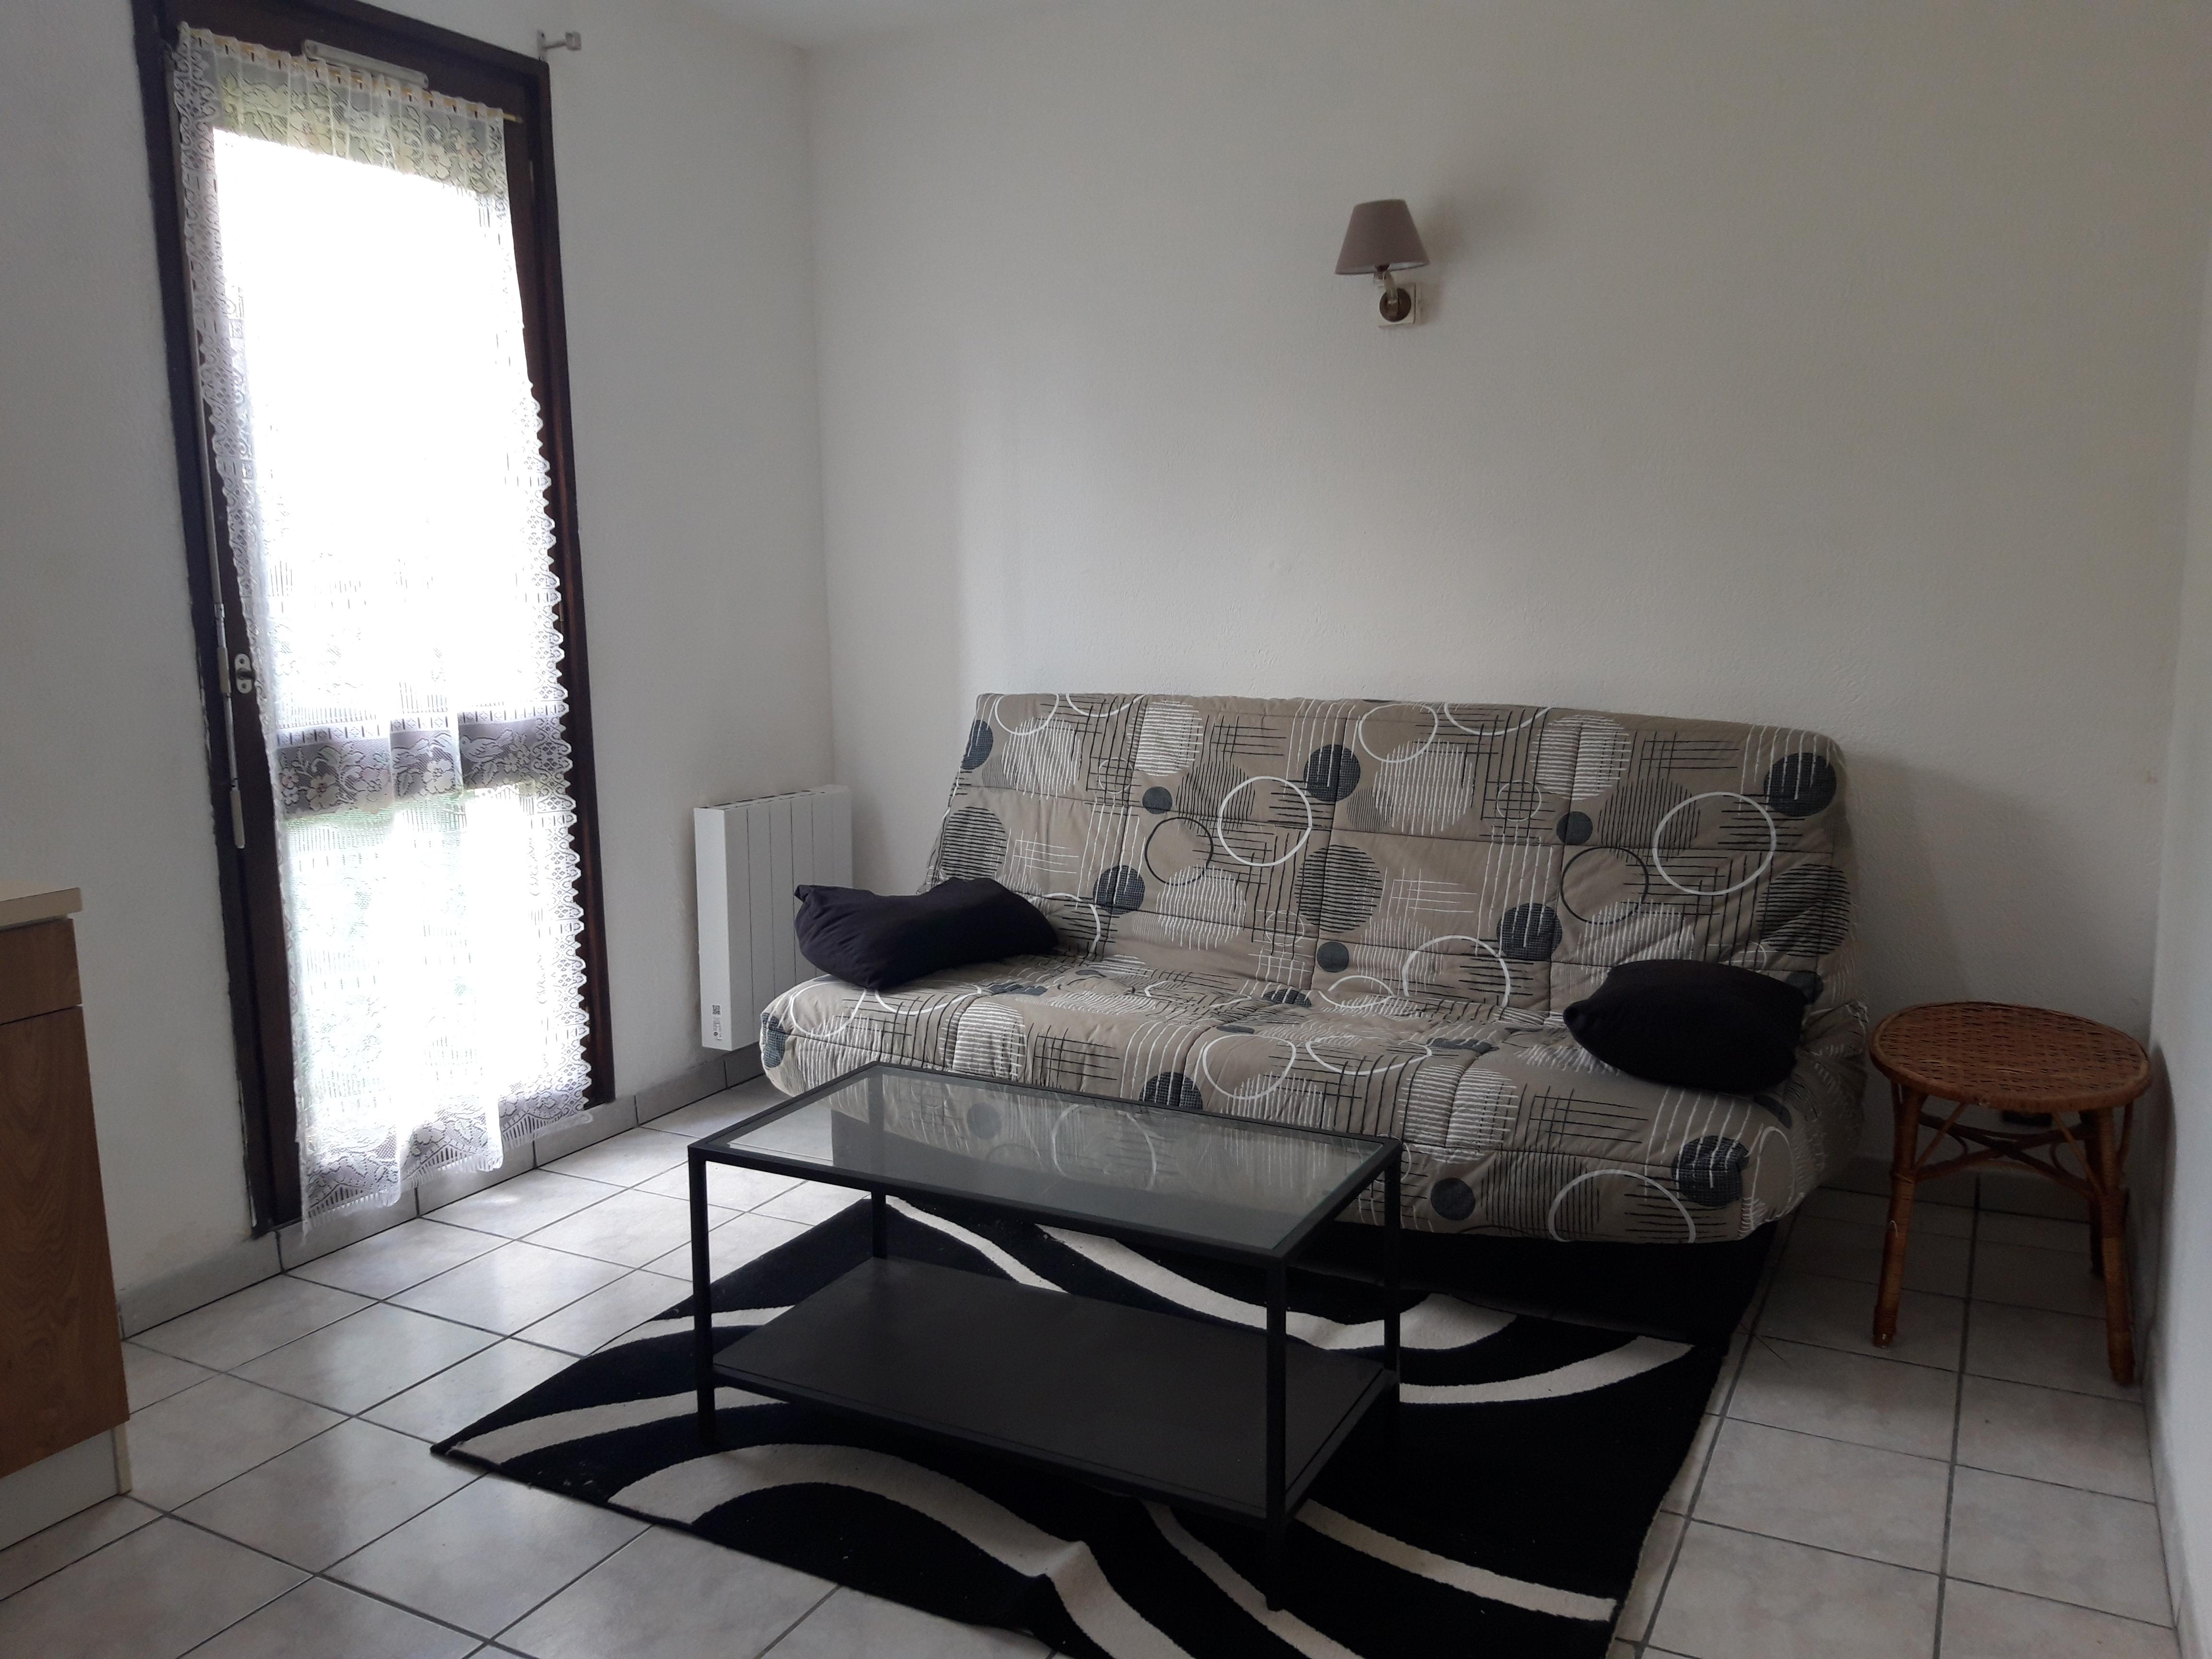 Studio / T1 meublé avec jardin dans résidence à louer à FIGEAC